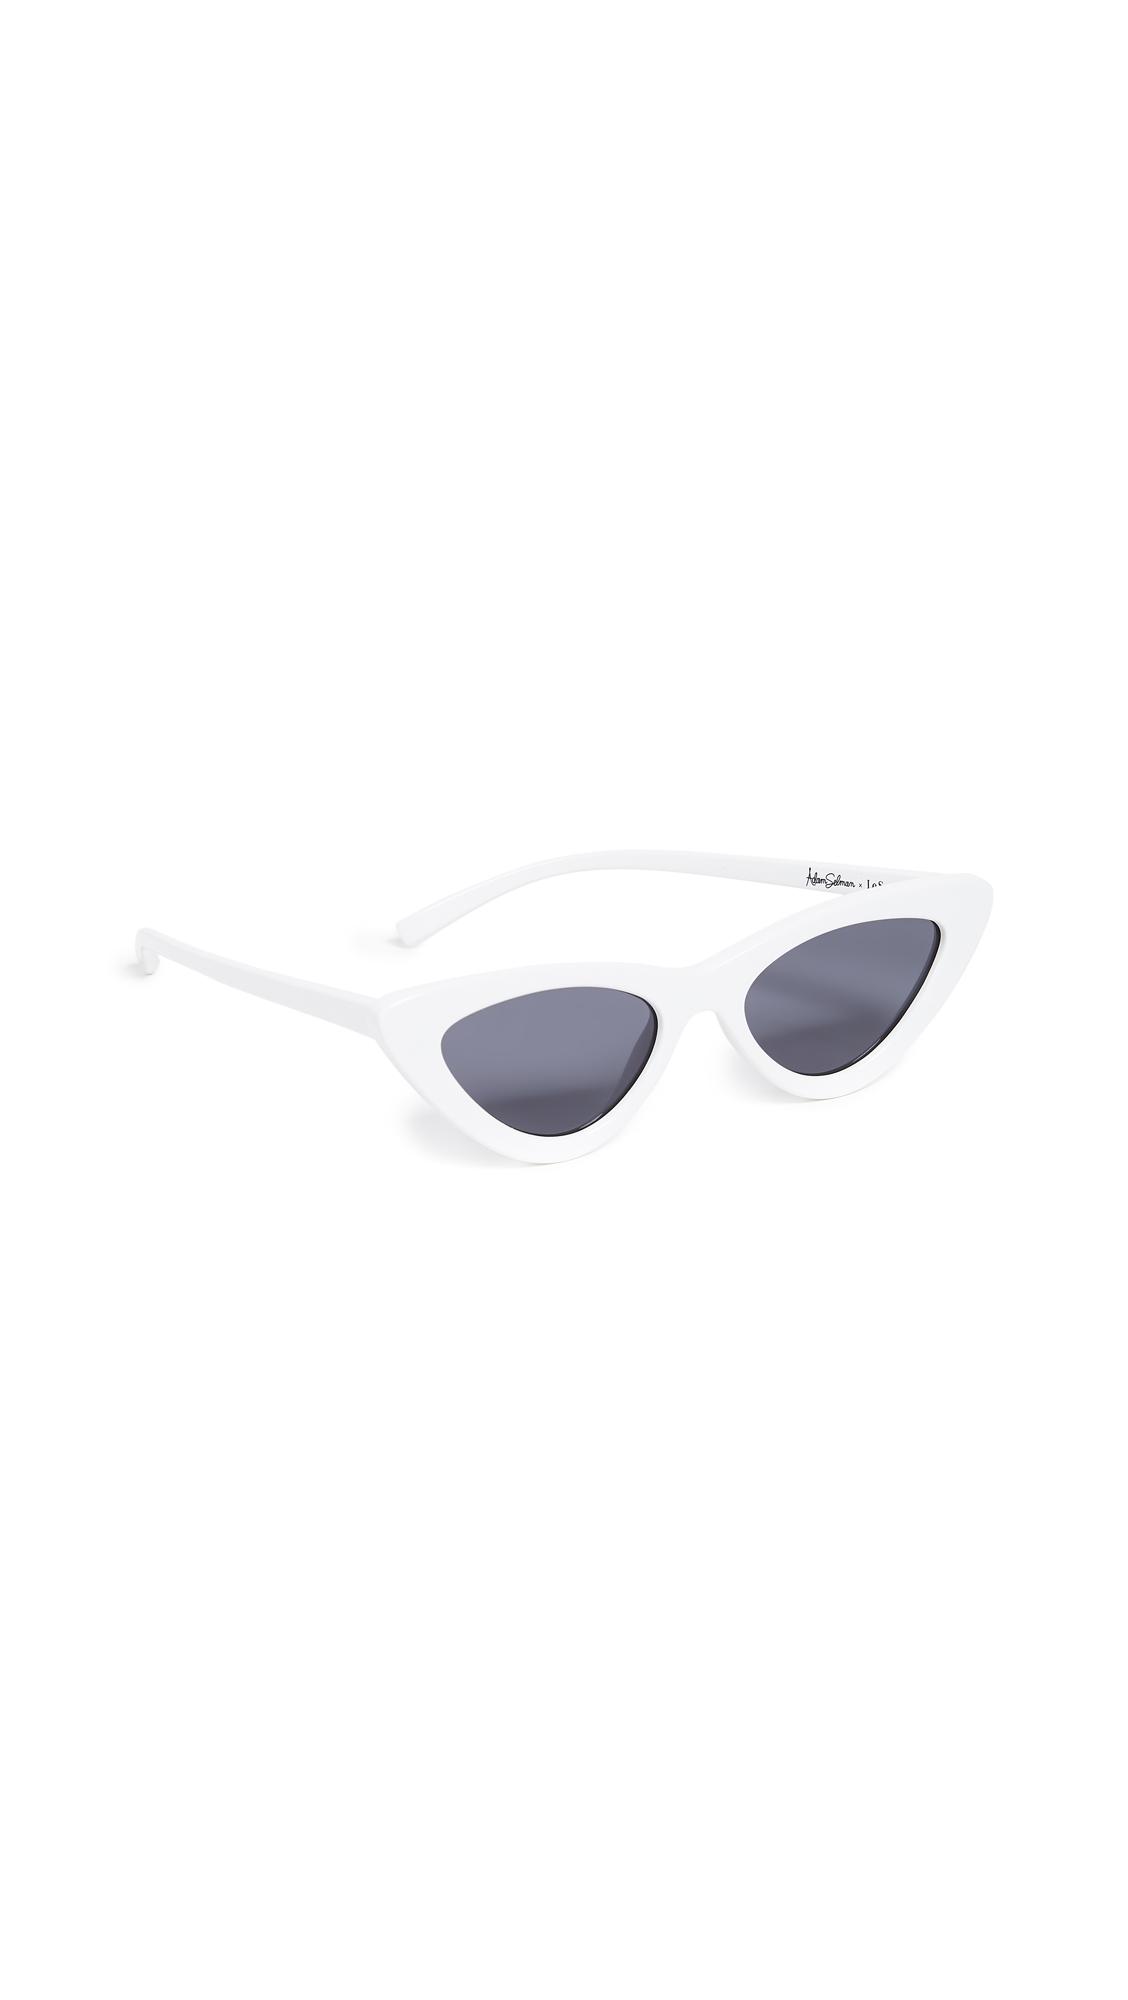 ADAM SELMAN The Last Lolita Sunglasses in White